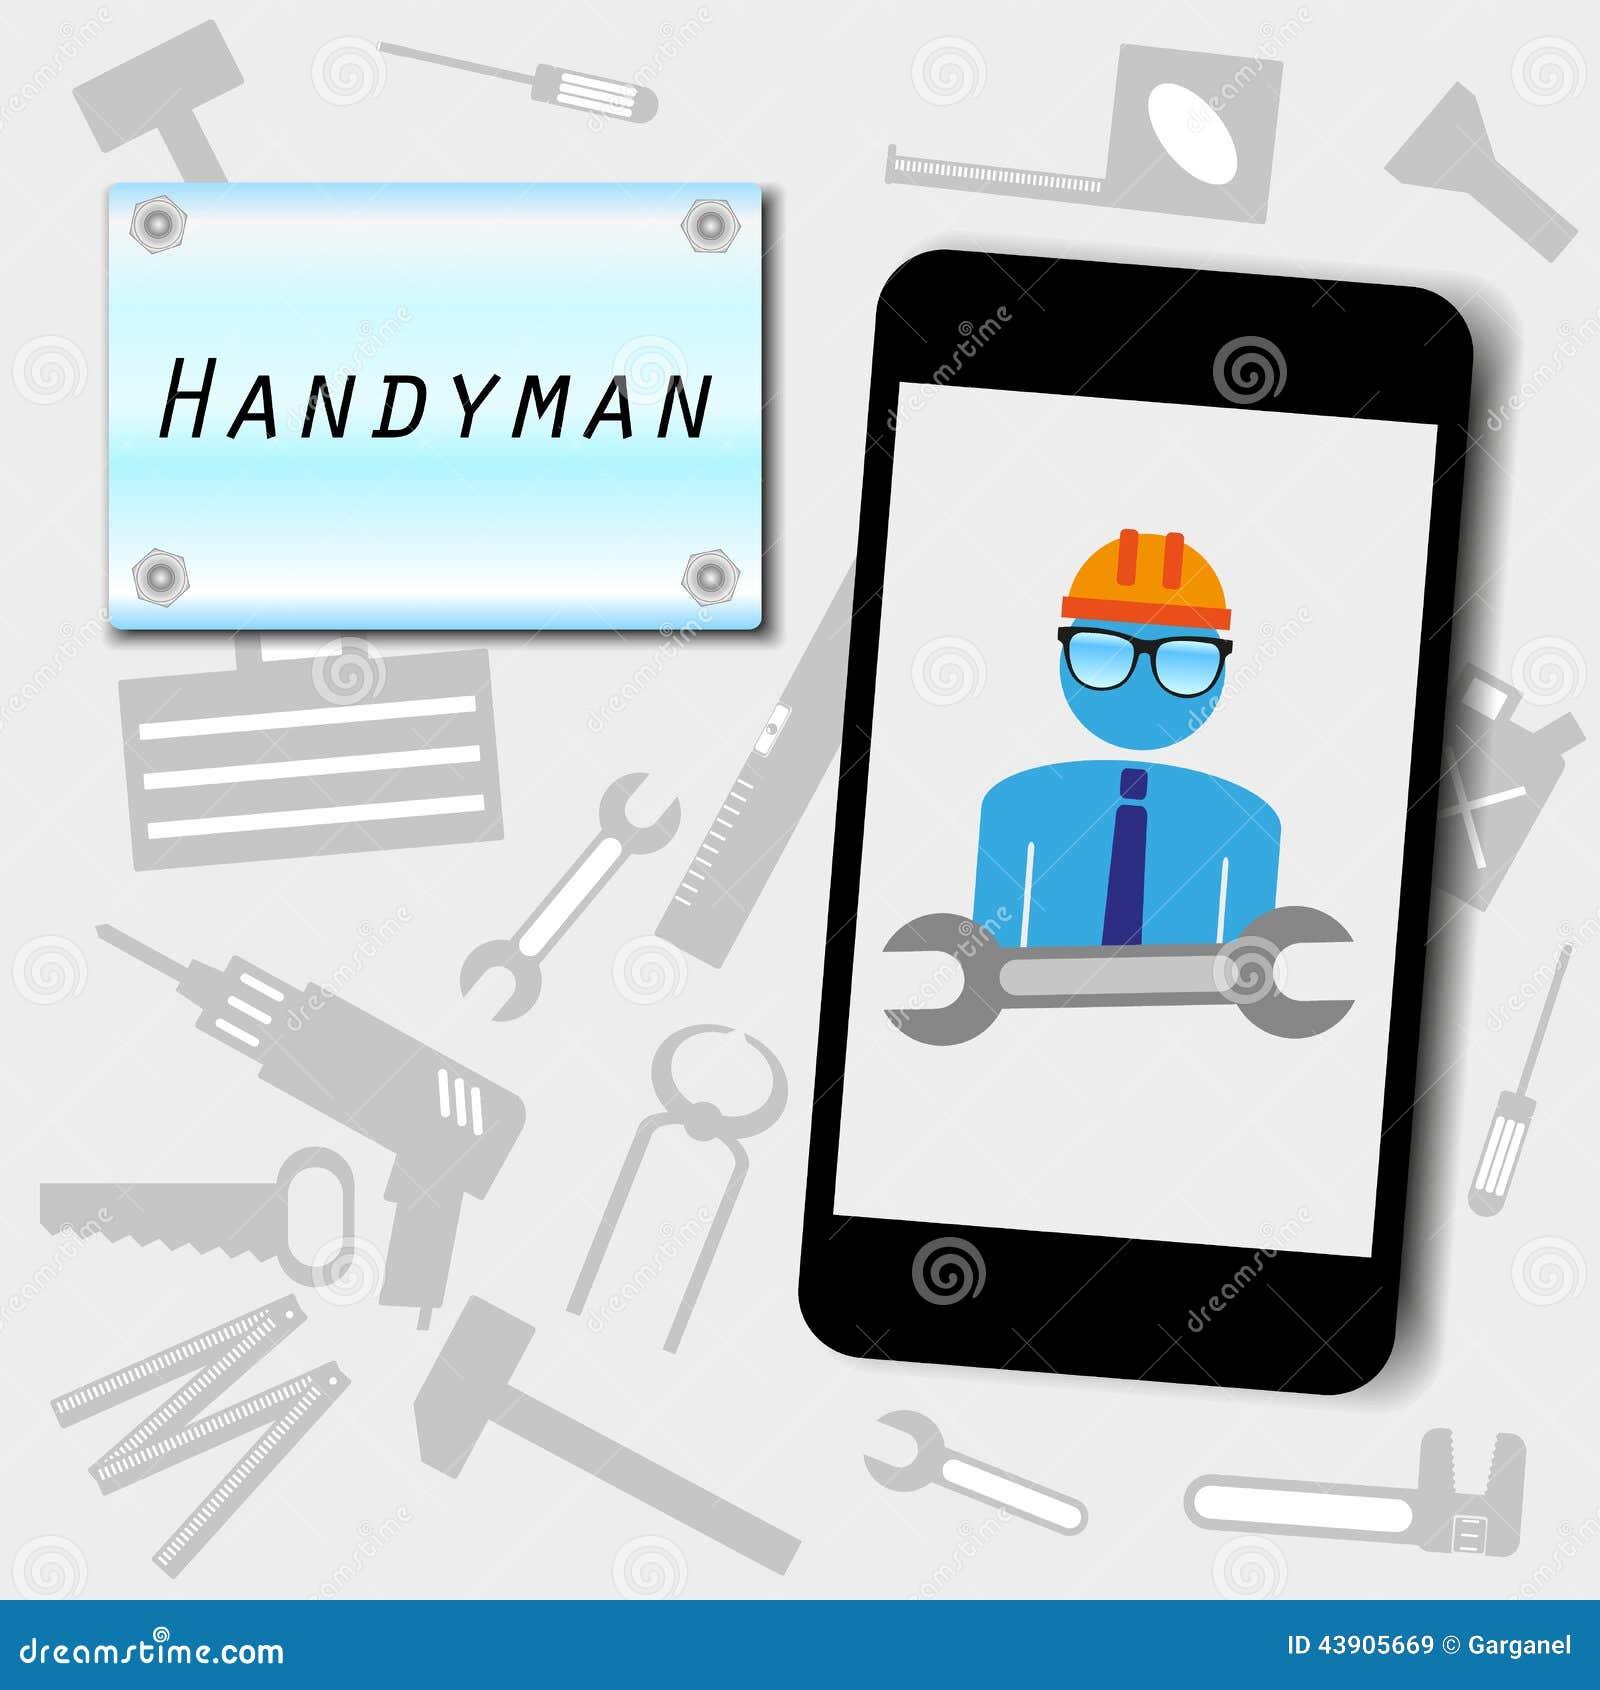 Handyman Advertising Background Stock Photo - Image: 43905669